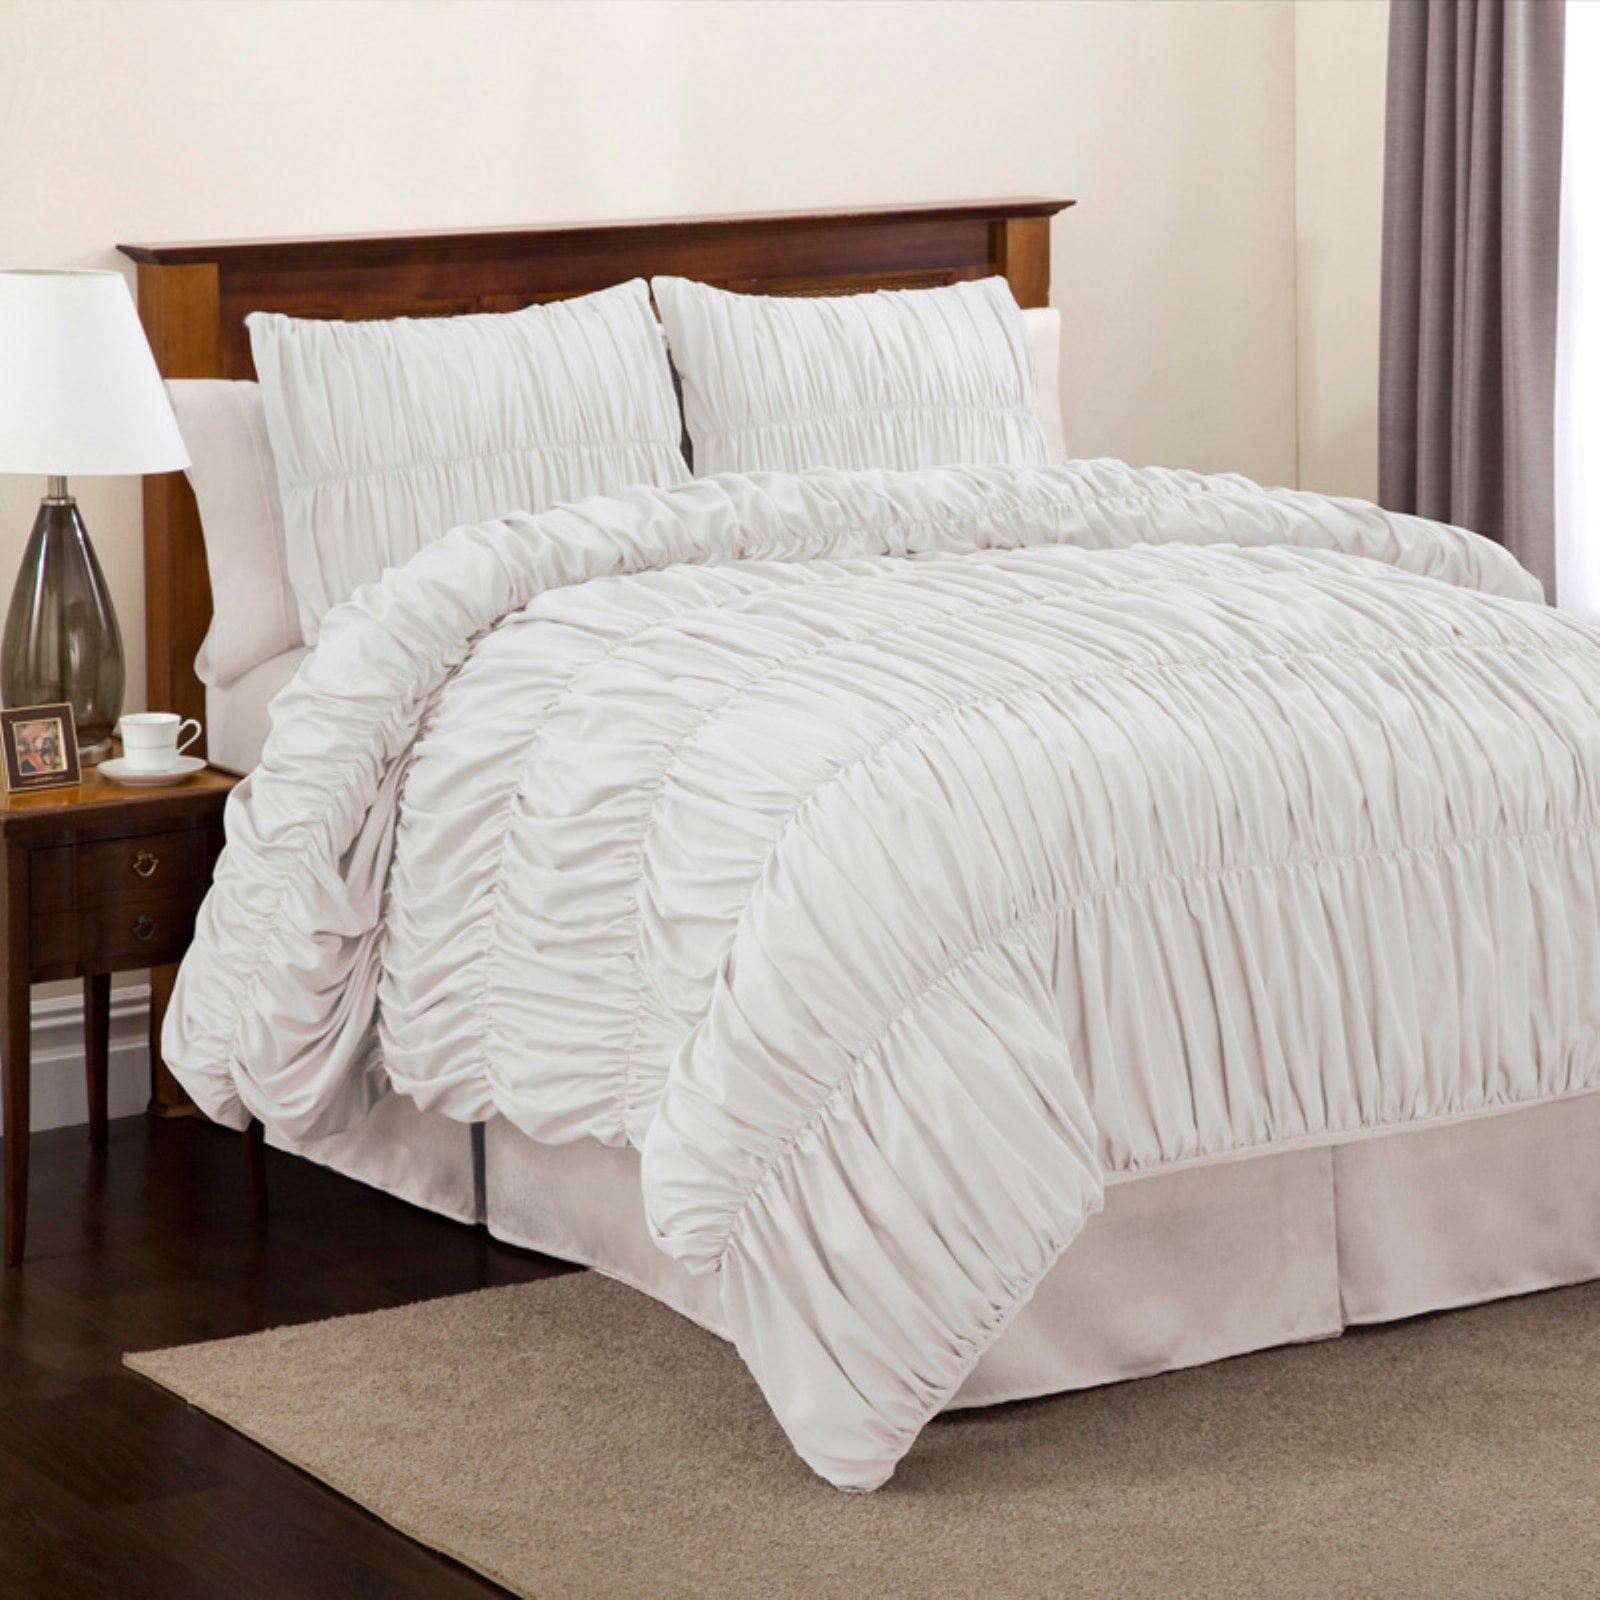 Venetian 4-Piece Bedding Comforter Set - Walmart.com 6aab68763